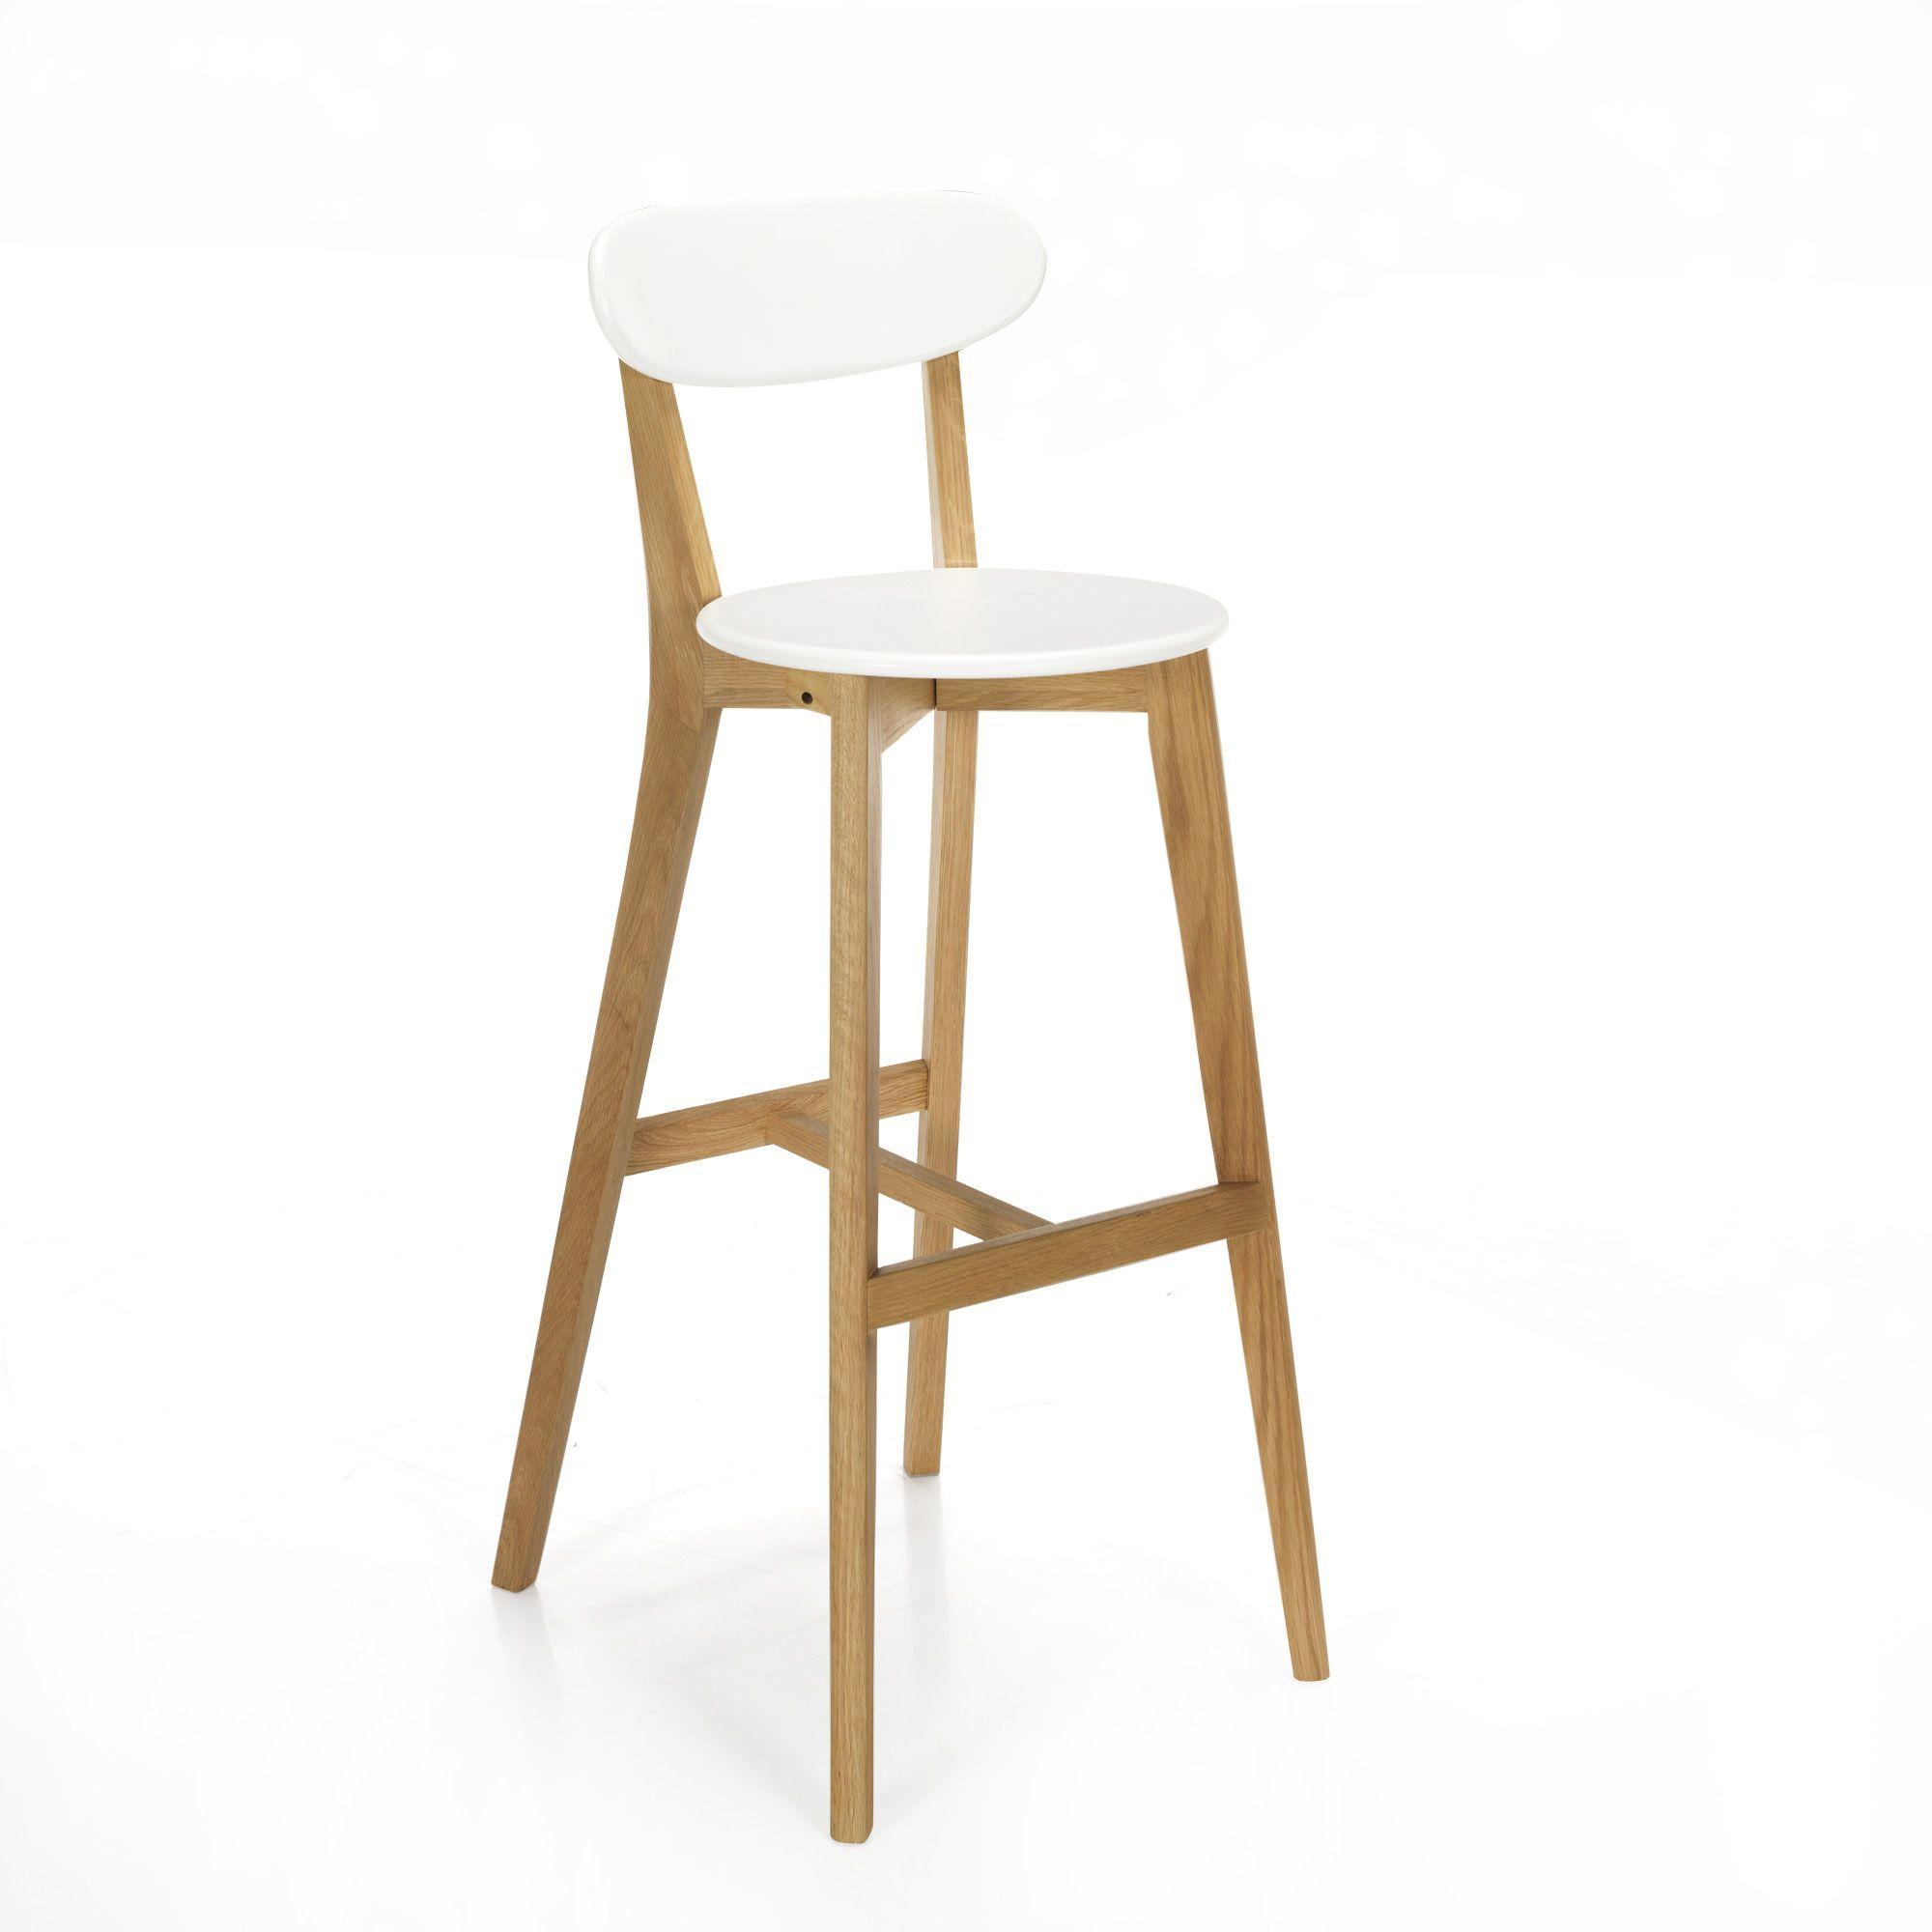 chaise de bar design scandinave coloris blanc - siwa - tabourets